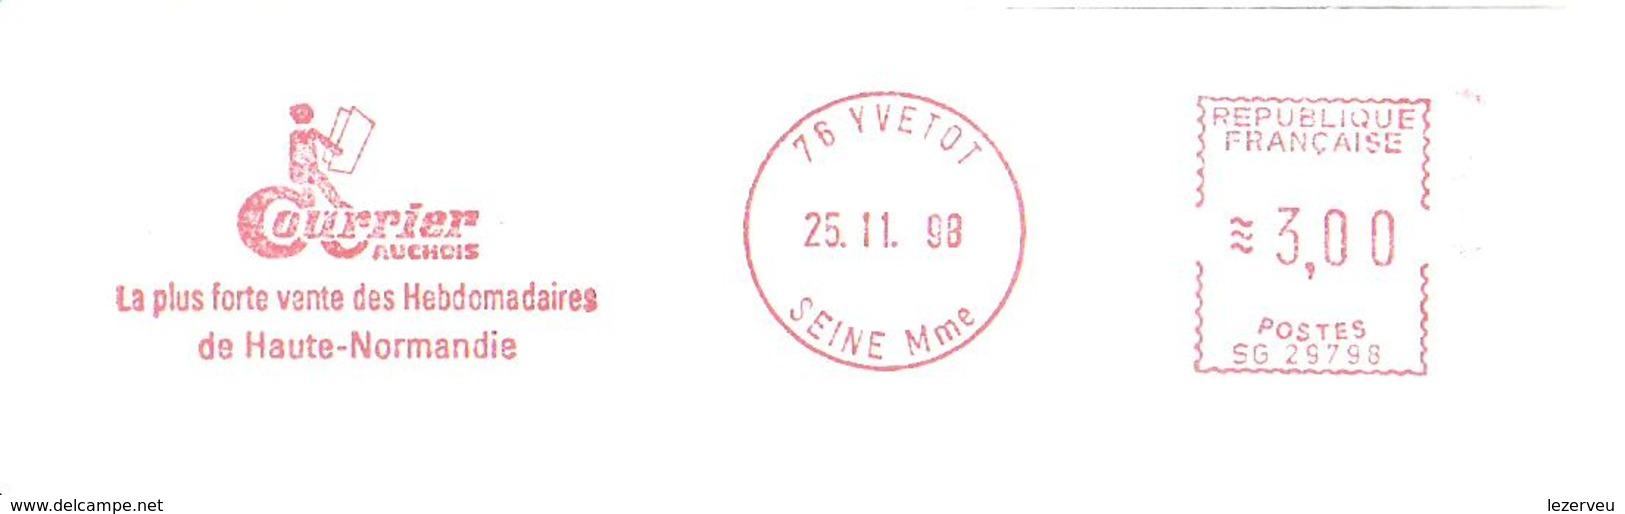 CACHET OBLITERATION FLAMME EMA YVETOT LE COURRIER AUCHOIS  ENVELOPPE 22X11 - 1961-....